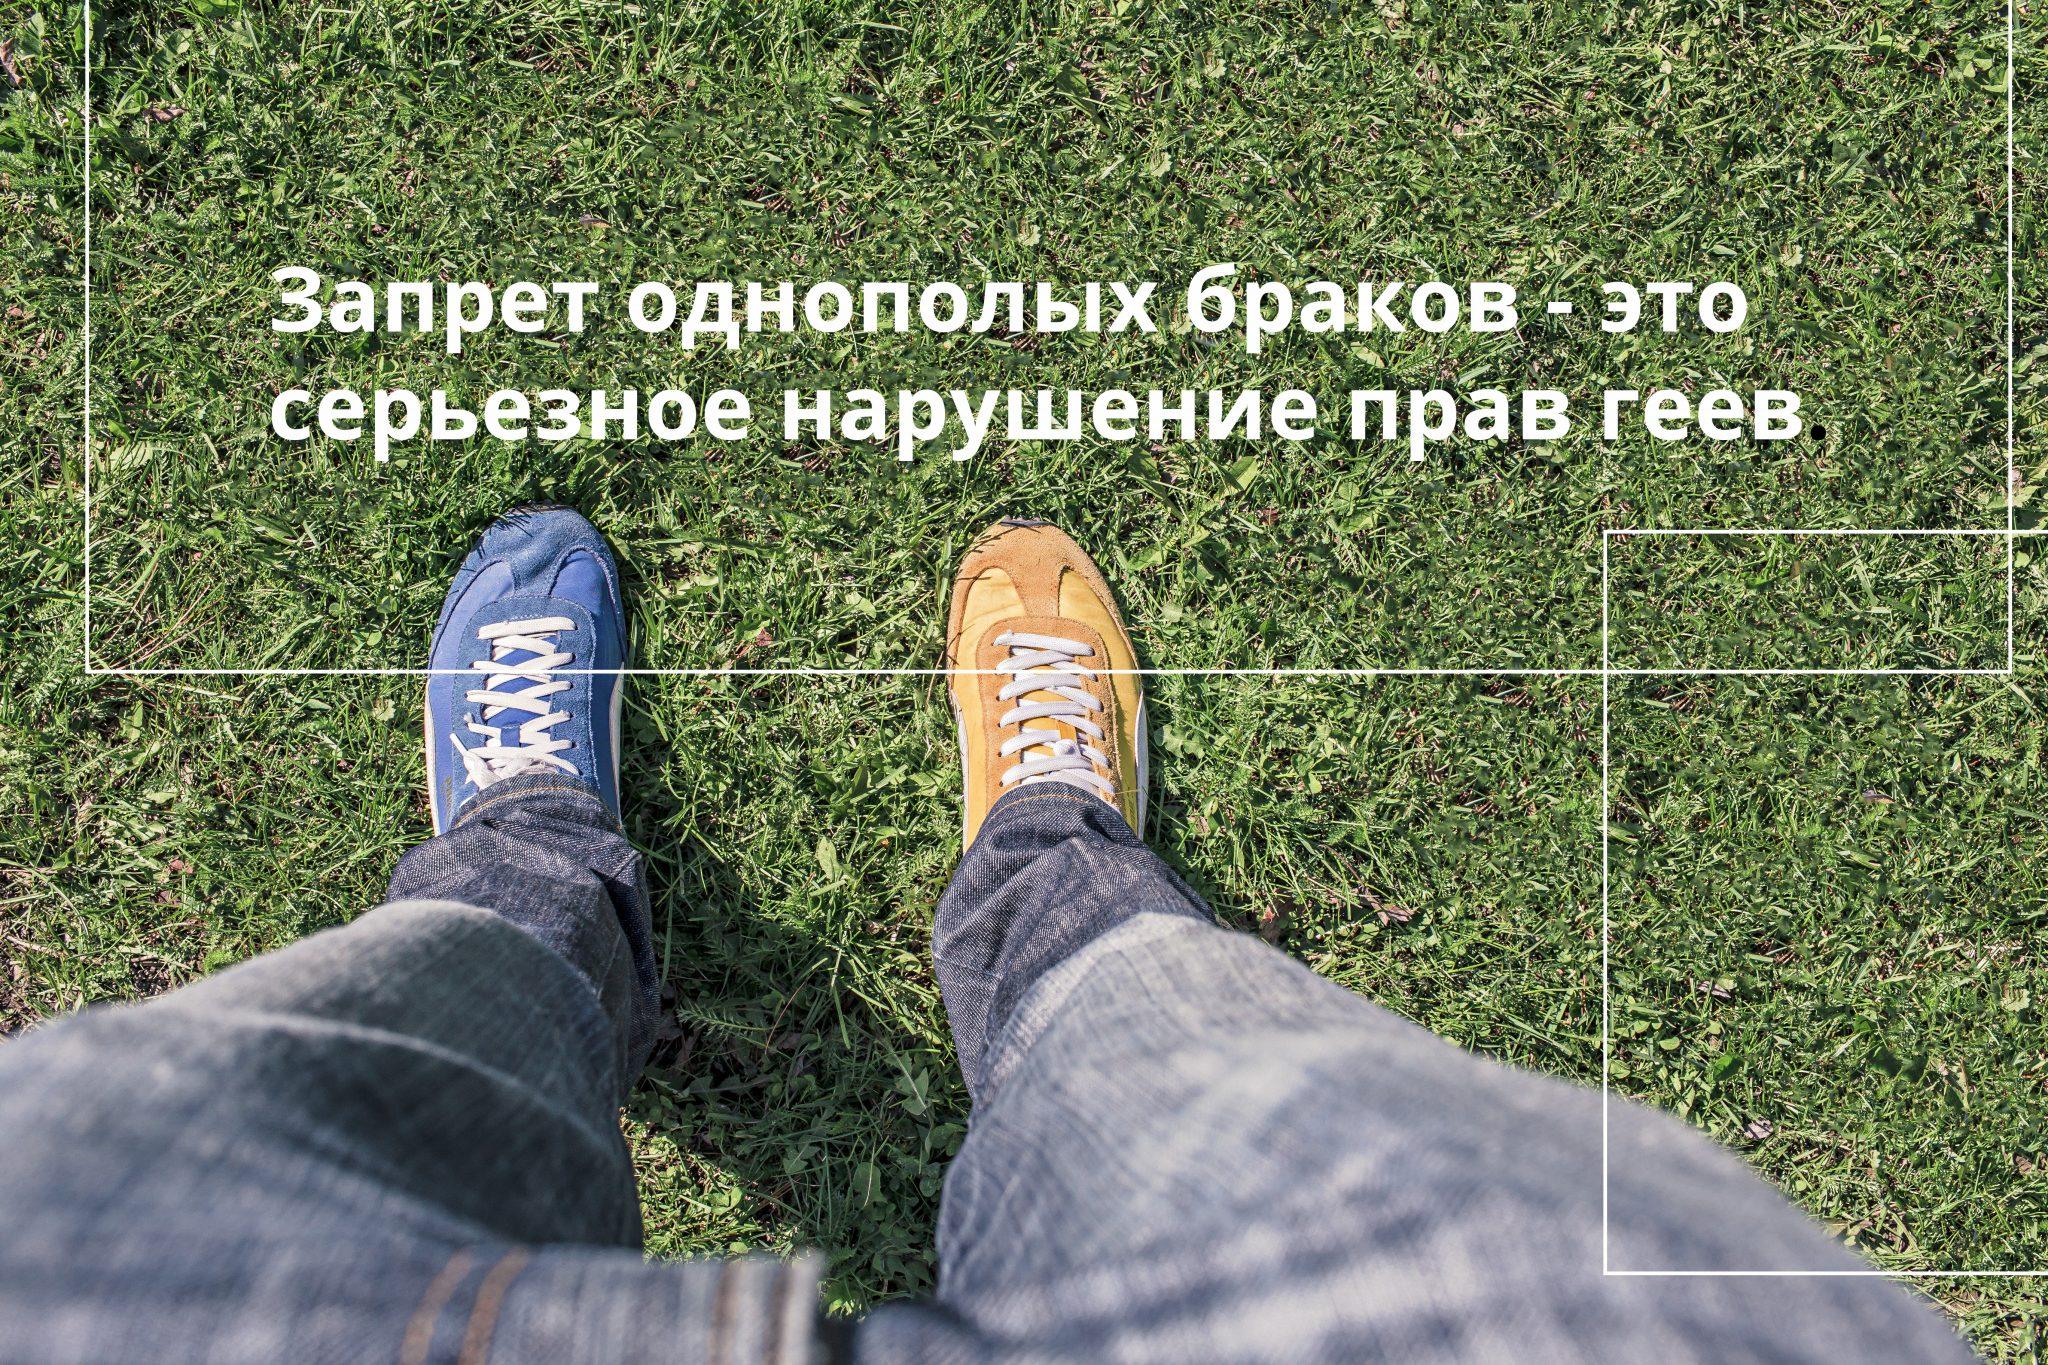 Рассказы о подростках геях 7 фотография